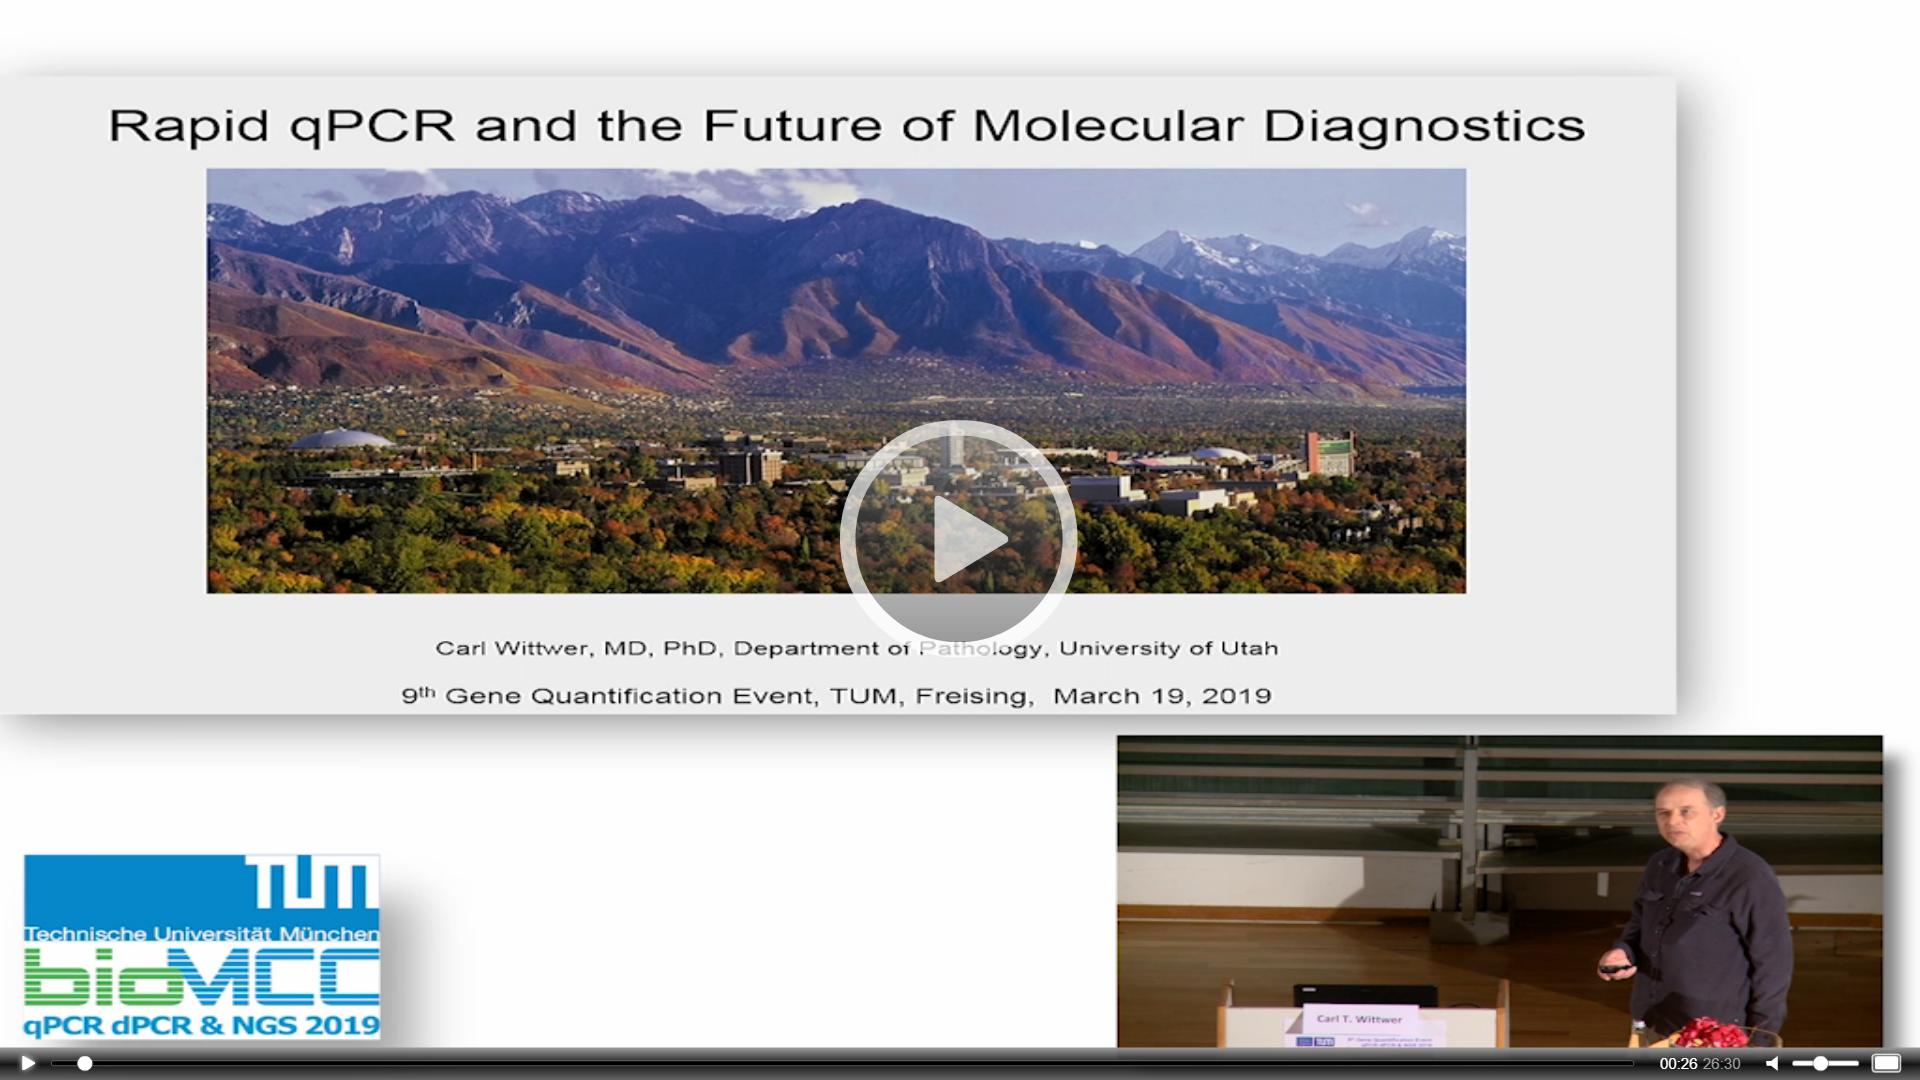 Rapid qPCR and the Future of Molecular Diagnostics